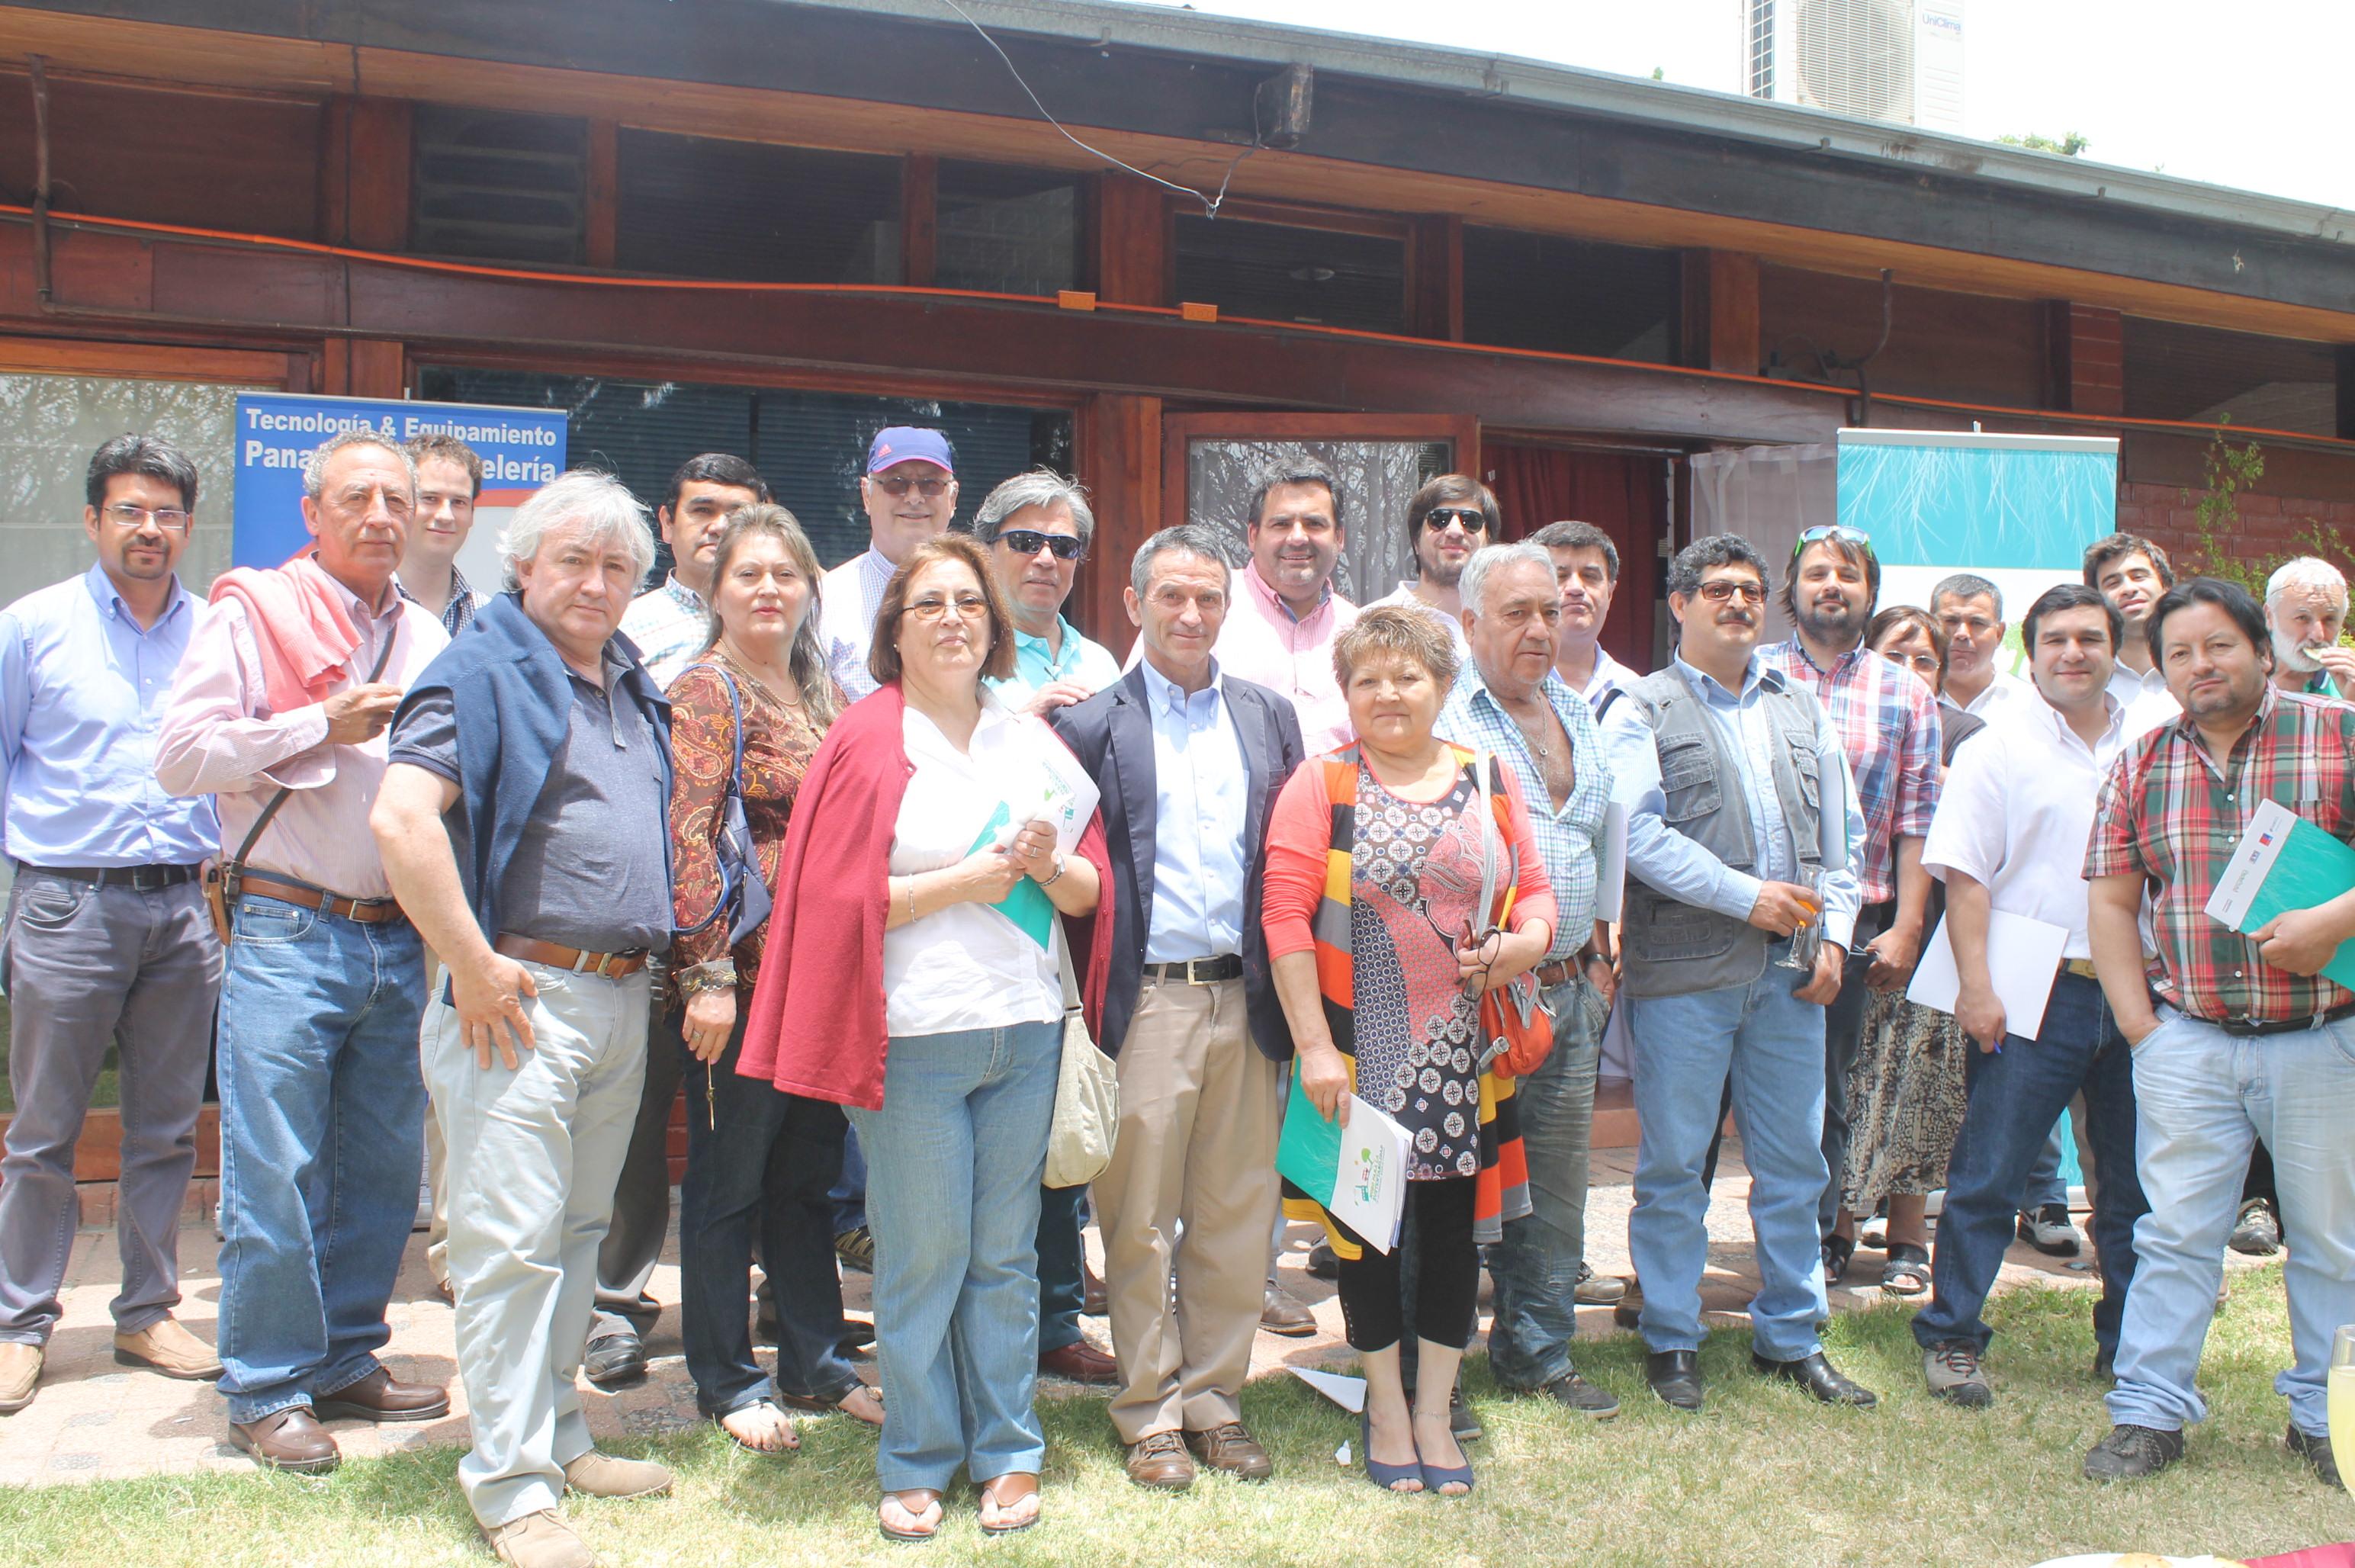 Participantes del seminario de apertura de la segunda fase del Nodo para la Sustentabilidad de Panaderías de la Región de O'Higgins.